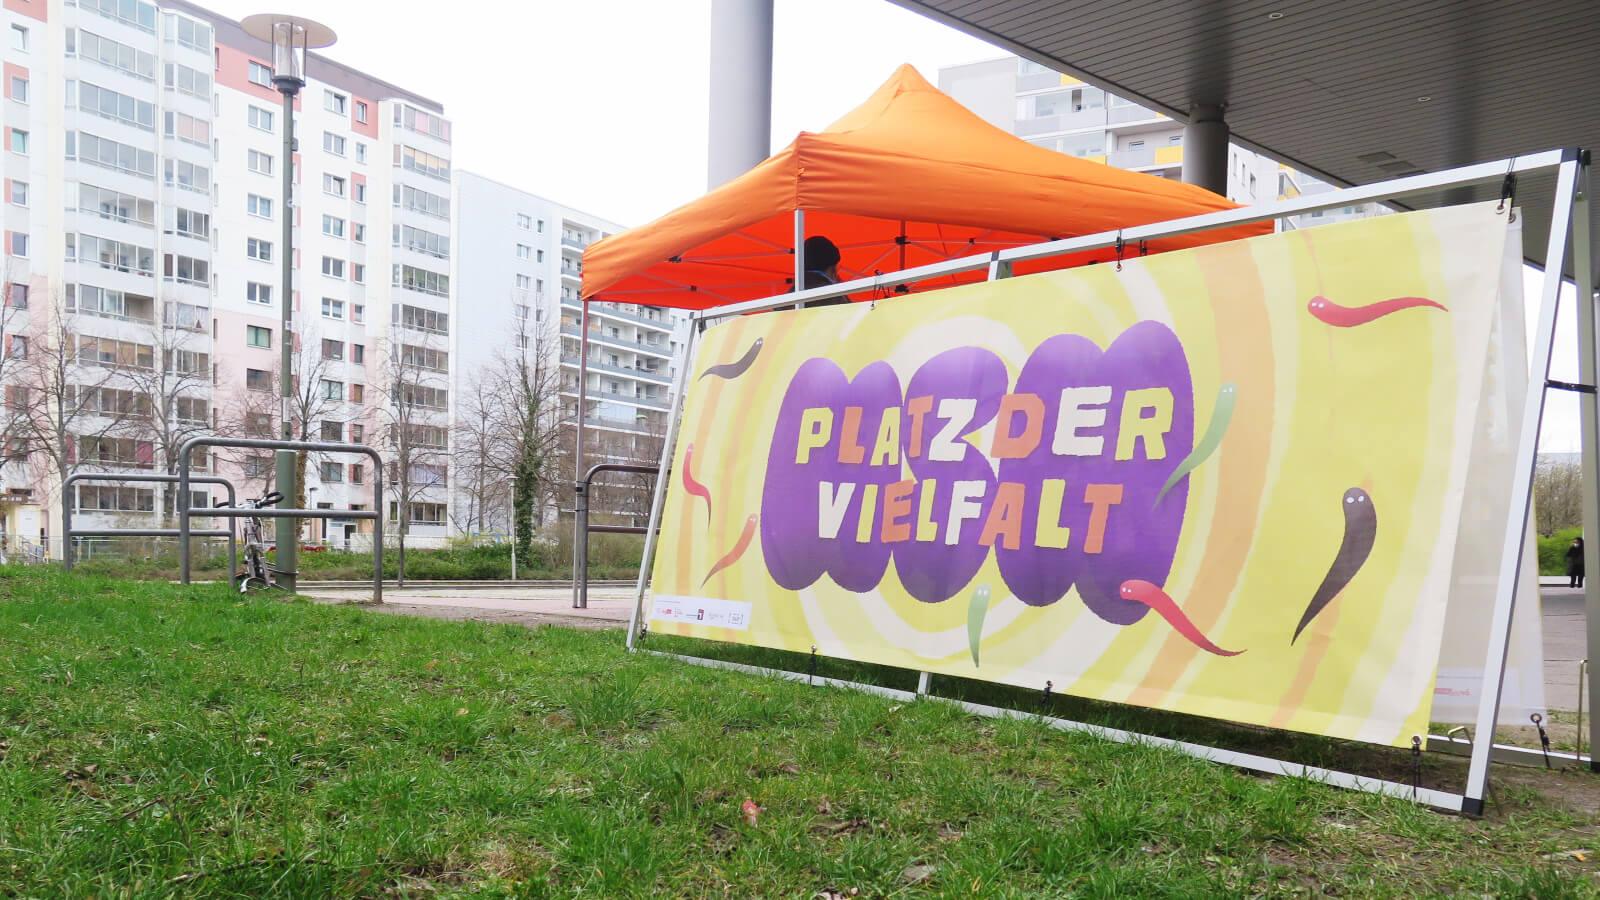 stadtplatz_slide4